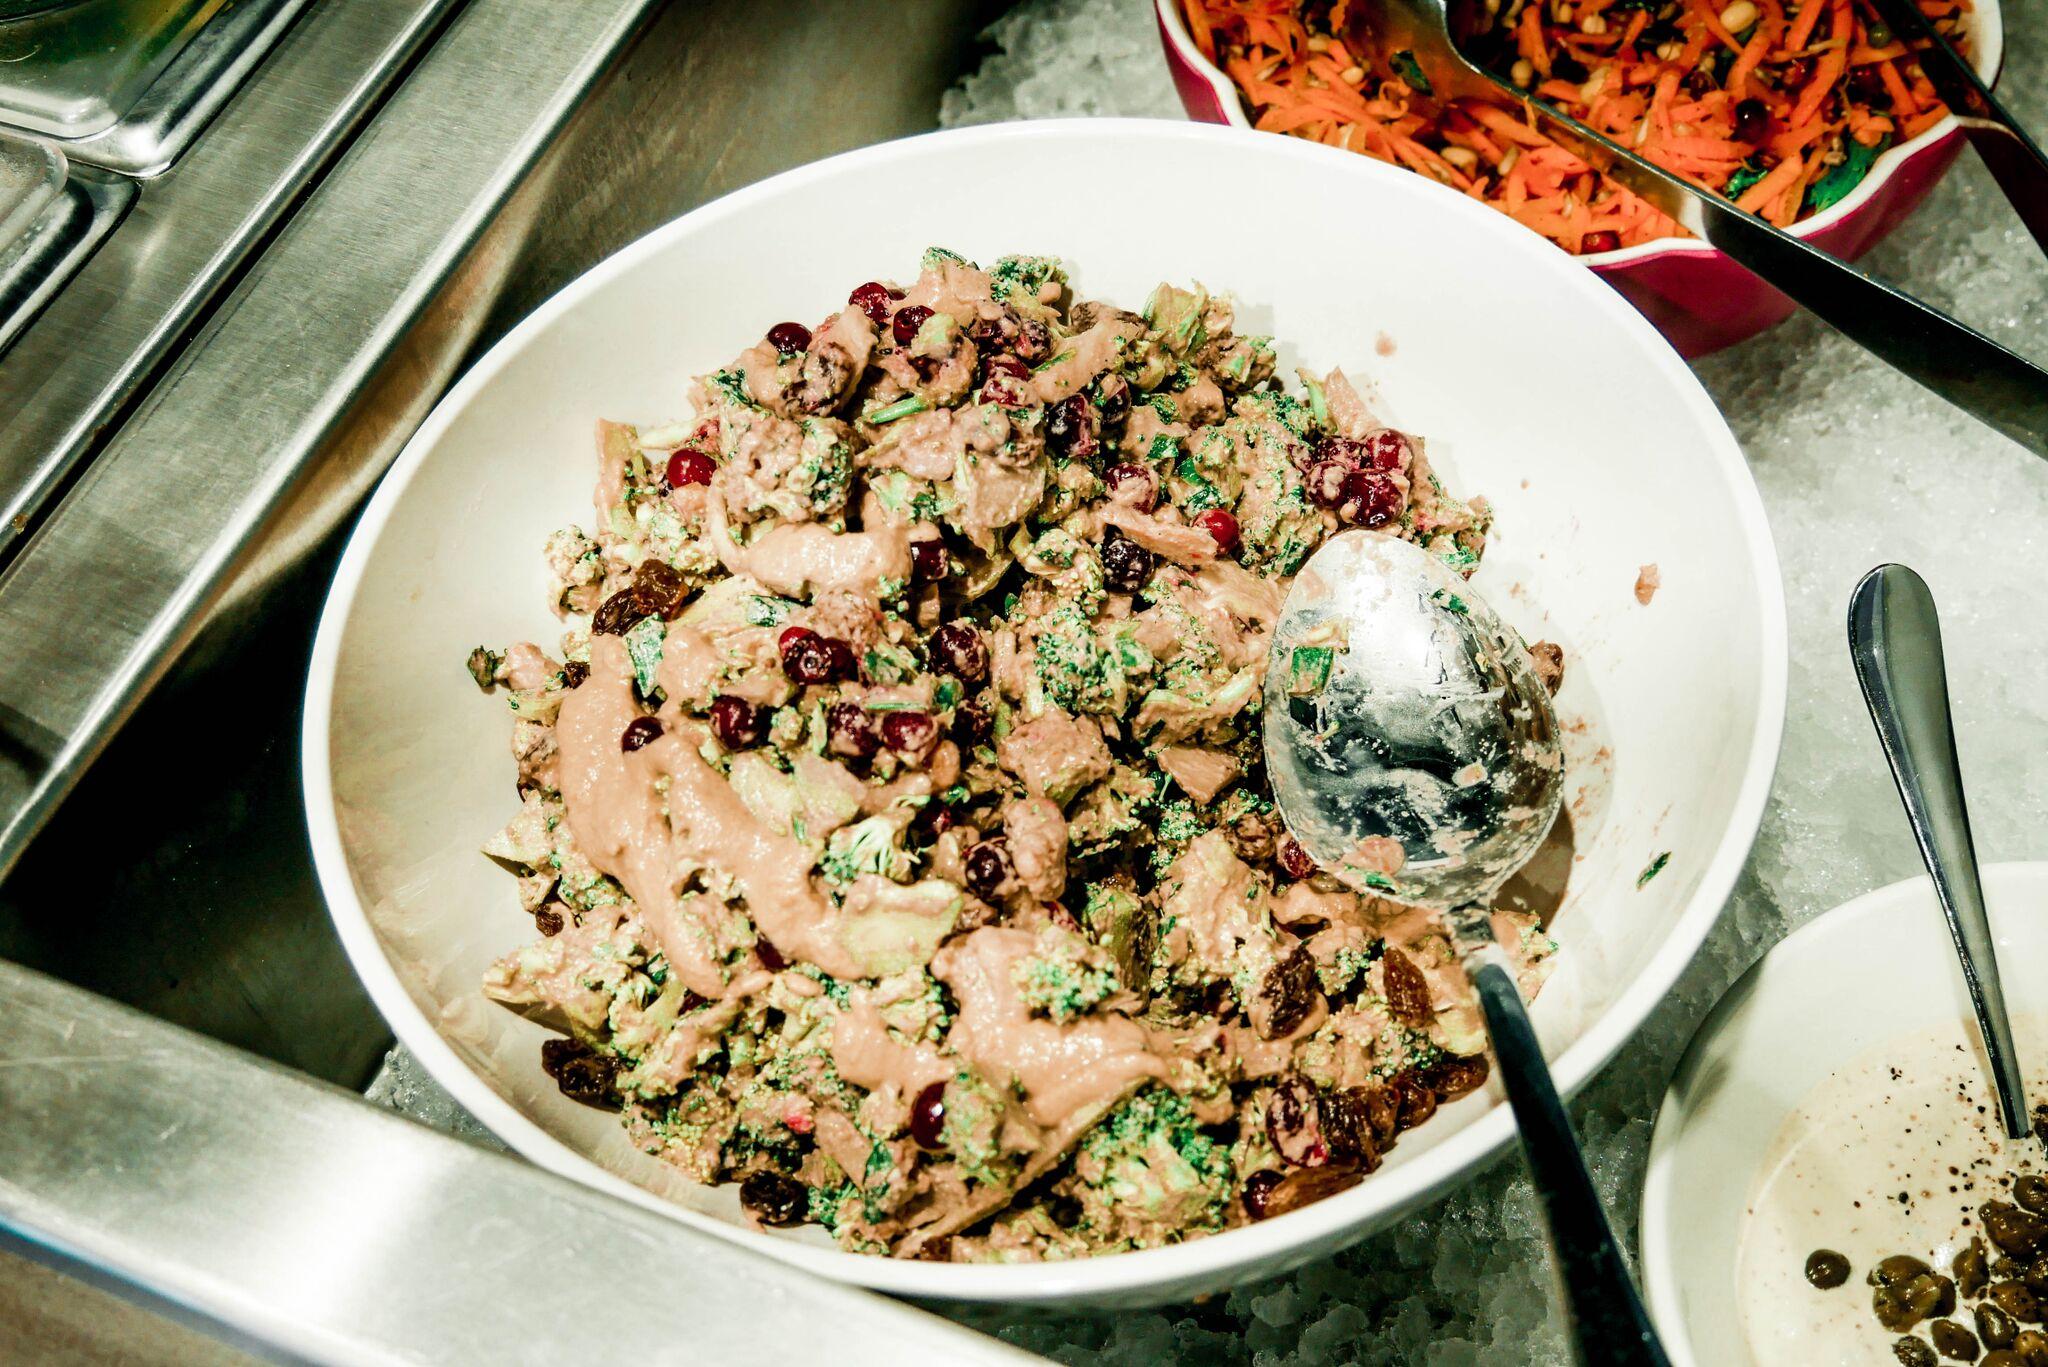 ....Brokkoli-jõhvika salat..Broccoli and cranberry salad.... - ....See oli üks huvitavamaid brokkoli-roogasi, mida siiani proovinud oleme. Sellist mix'i pole varem kohanud, tore kui selline ülitervislik asi nagu brokkoli nii maitsvaks ka tehakse...This was a very interestig way of serving broccoli! isn't is great when something superhealthy is made supertasty a well?....